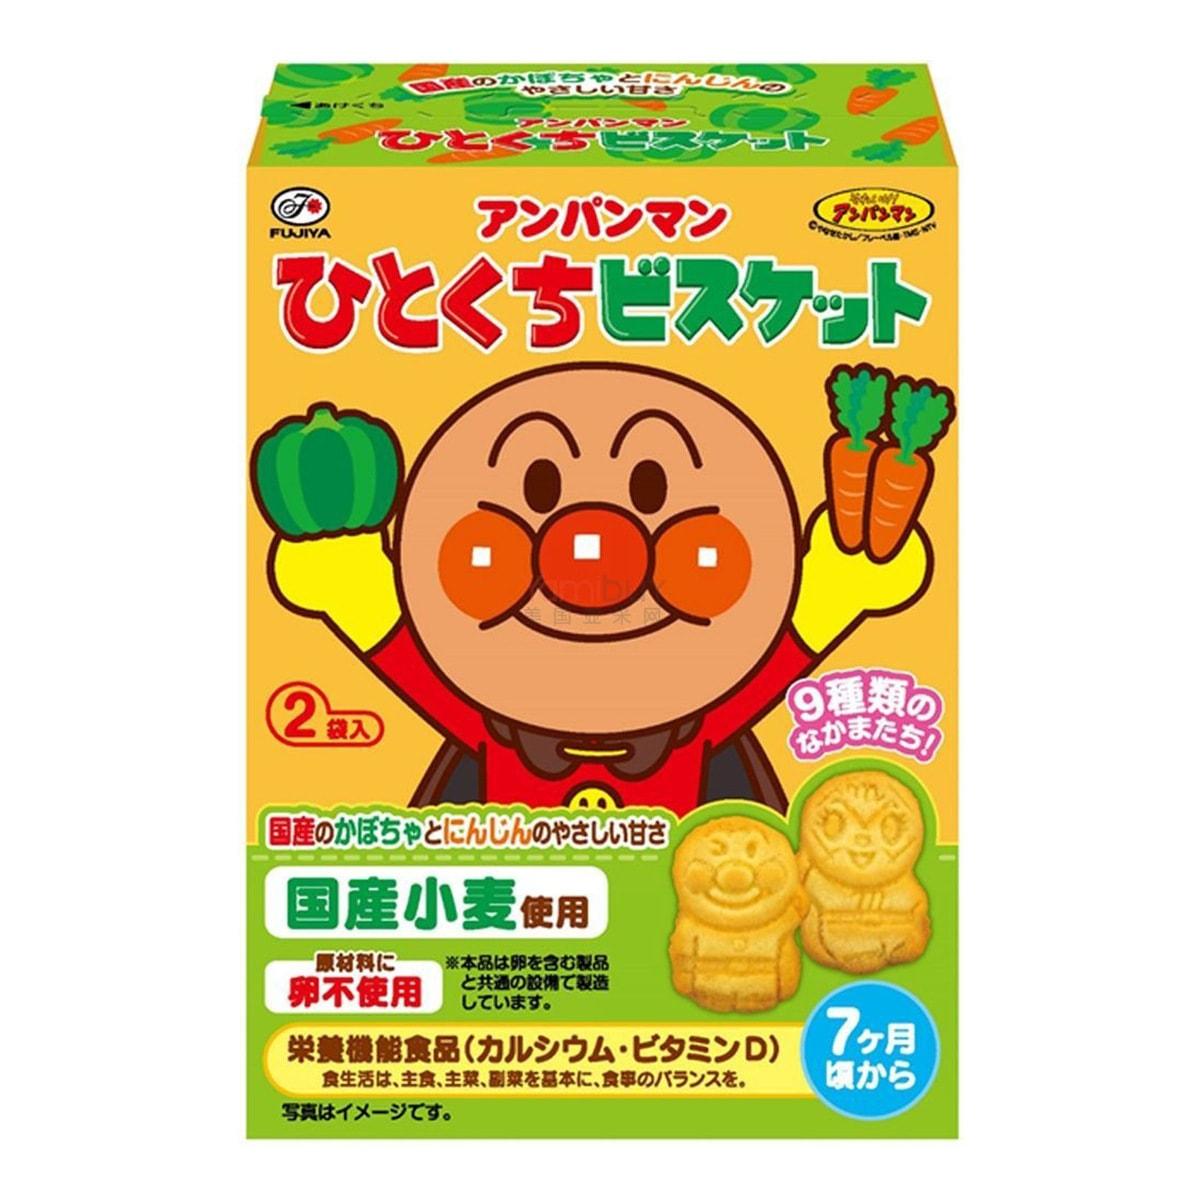 日本FUJIYA不二家 面包超人小麦饼干 72g